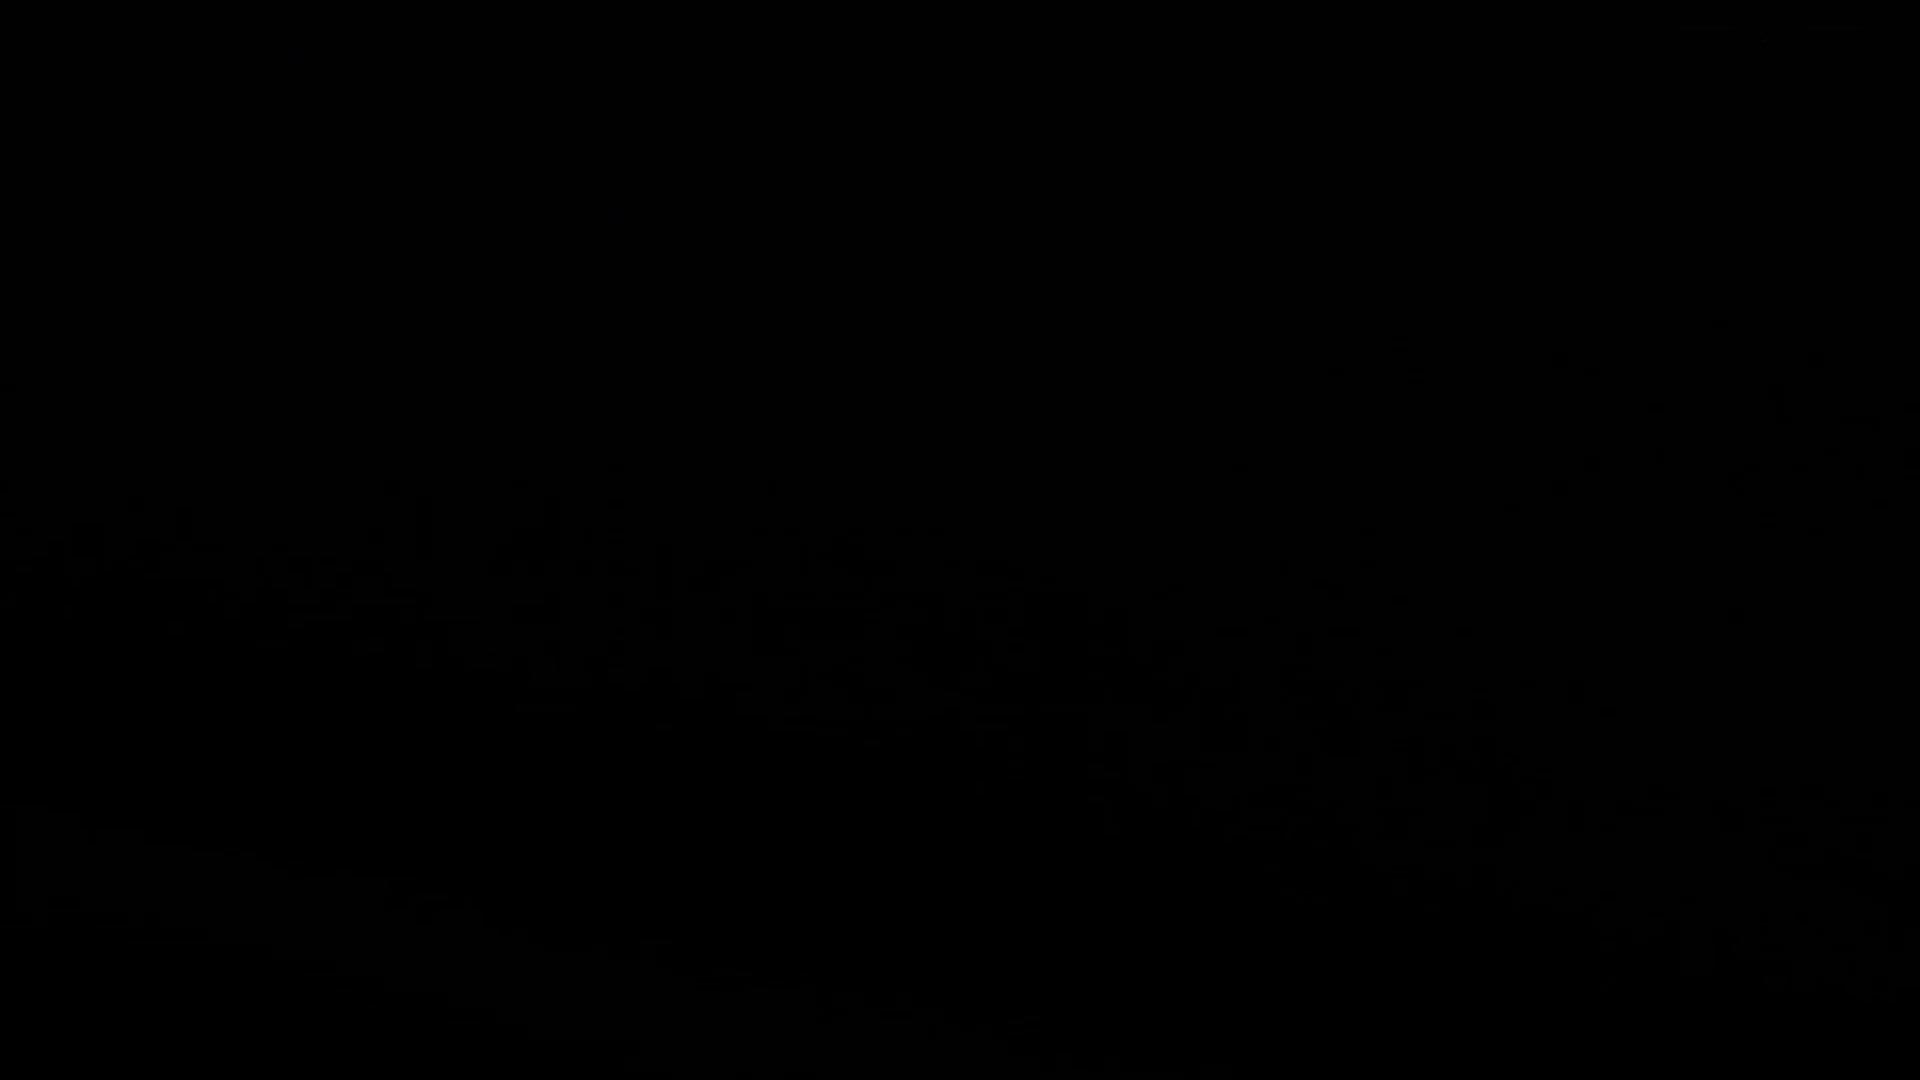 ギャルのツルピカ潜入盗撮!Vol.08 うんこ SEX無修正画像 106画像 59